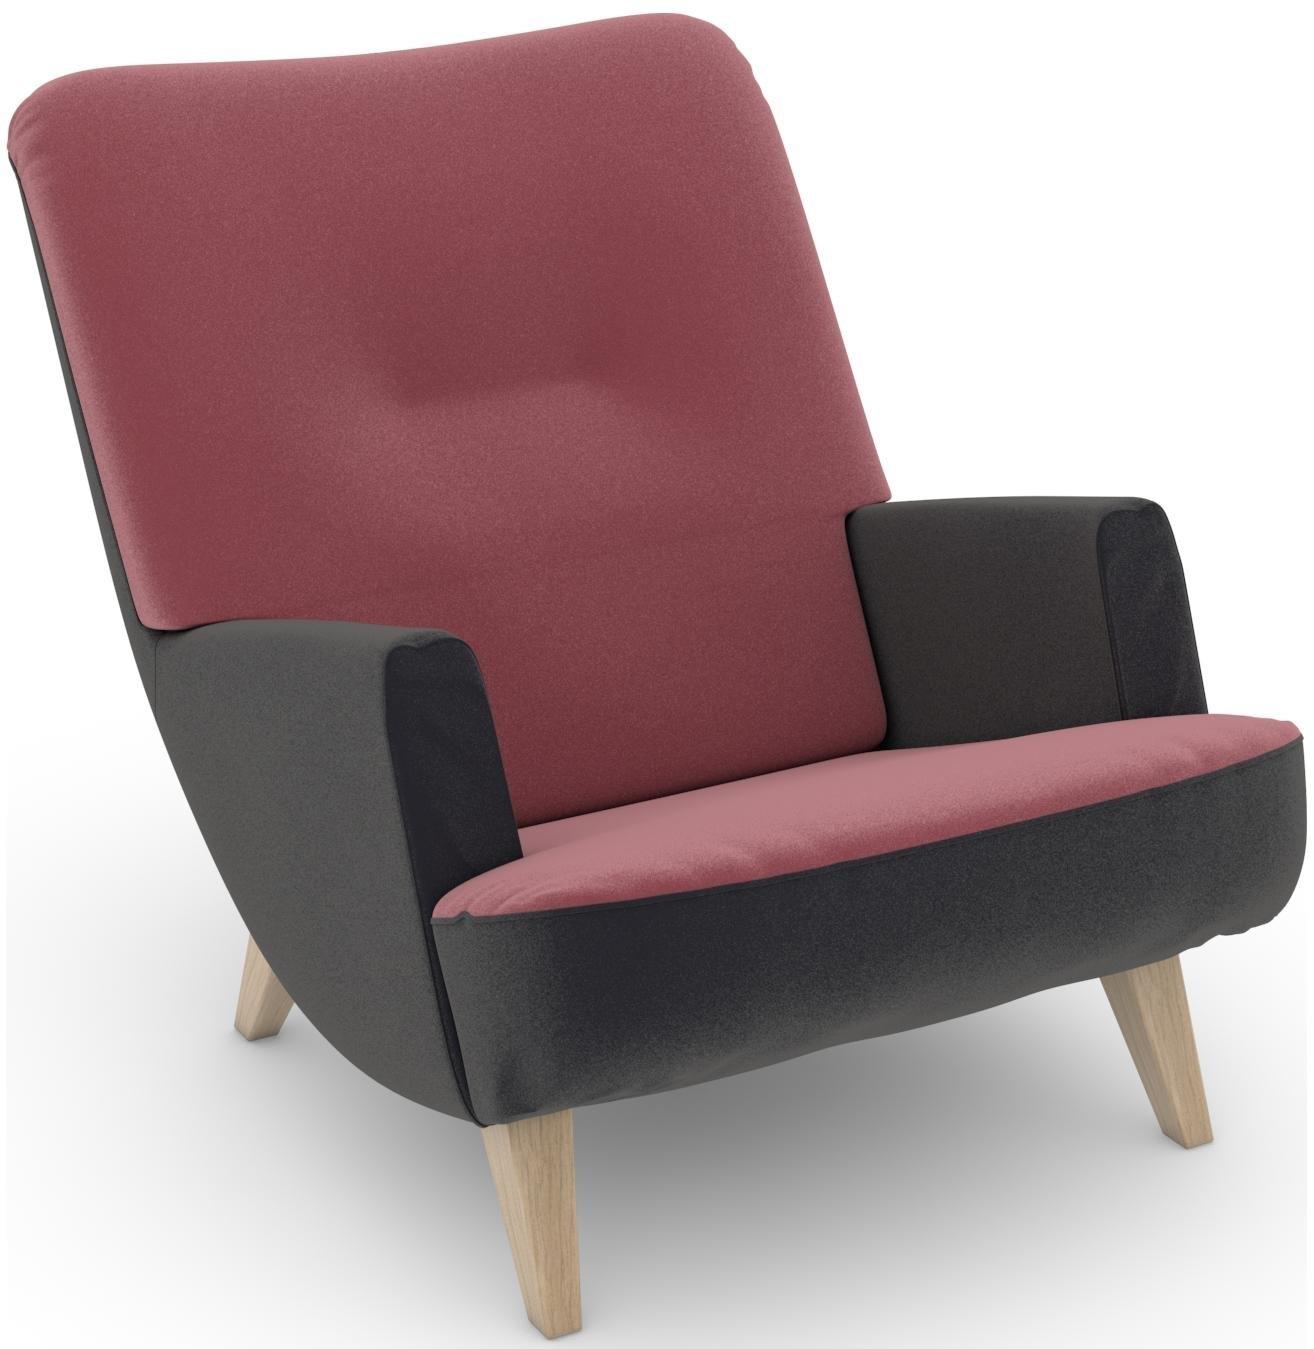 Max Winzer ® build-a-chair loungefauteuil »Borano« in retro-look, om zelf te stylen - gratis ruilen op otto.nl